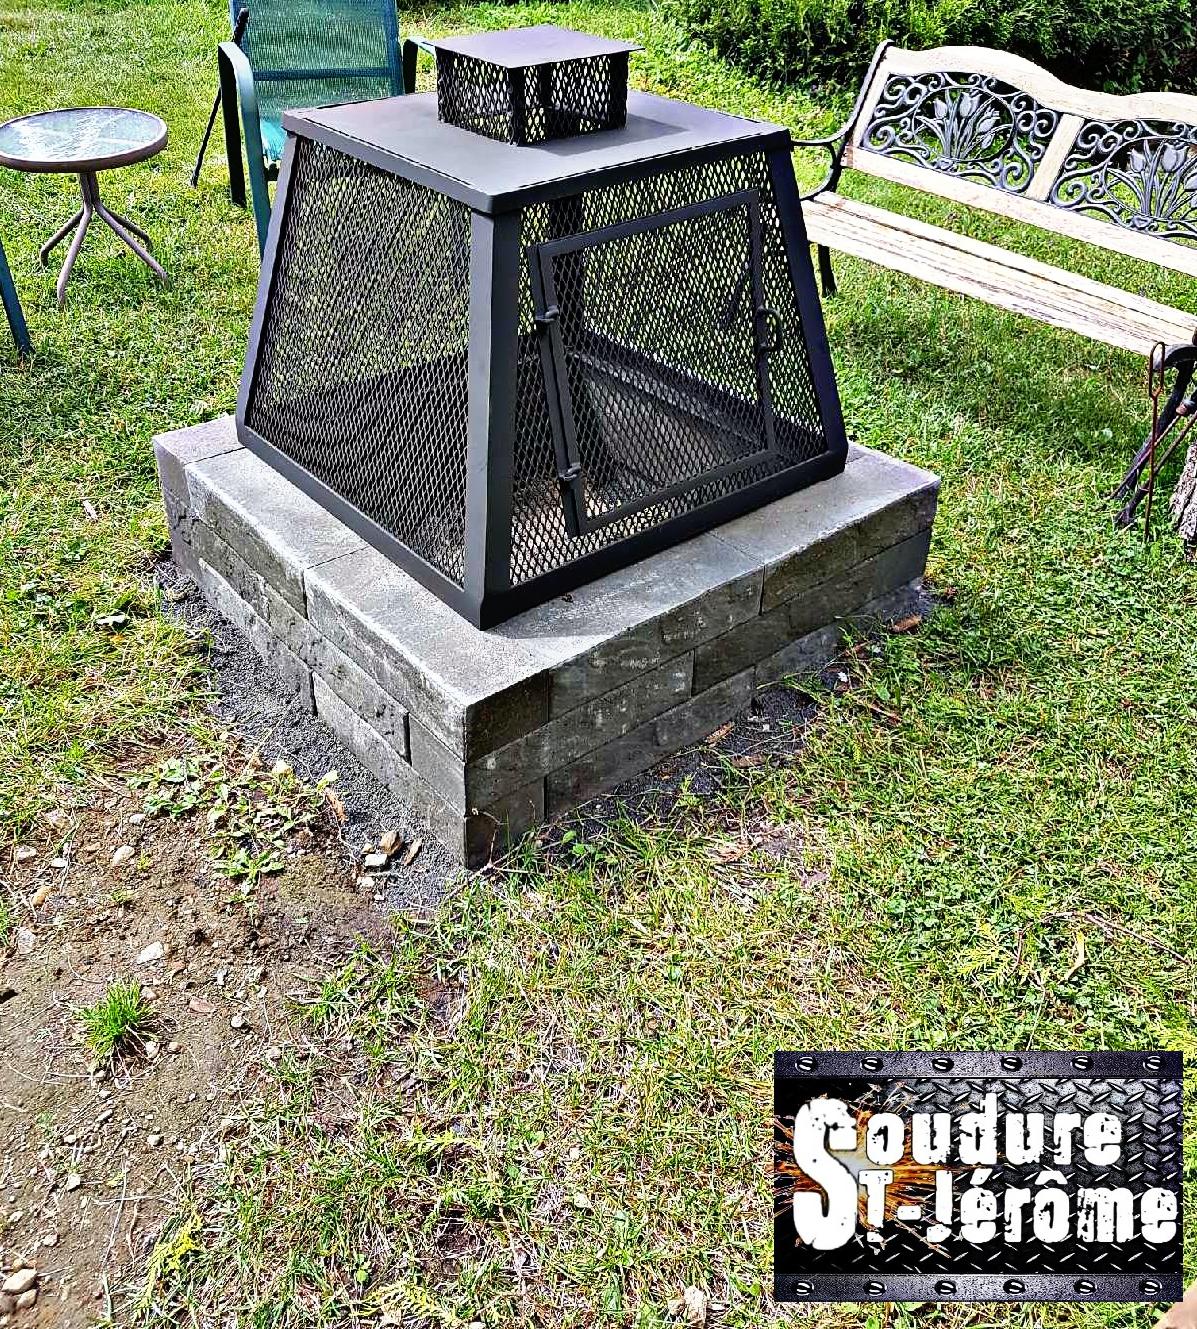 Foyer Exterieur Sur Socle De Brique 4 Faces Grillages Avec Petite Cheminees Patio Fire Pit Outdoor Ottoman